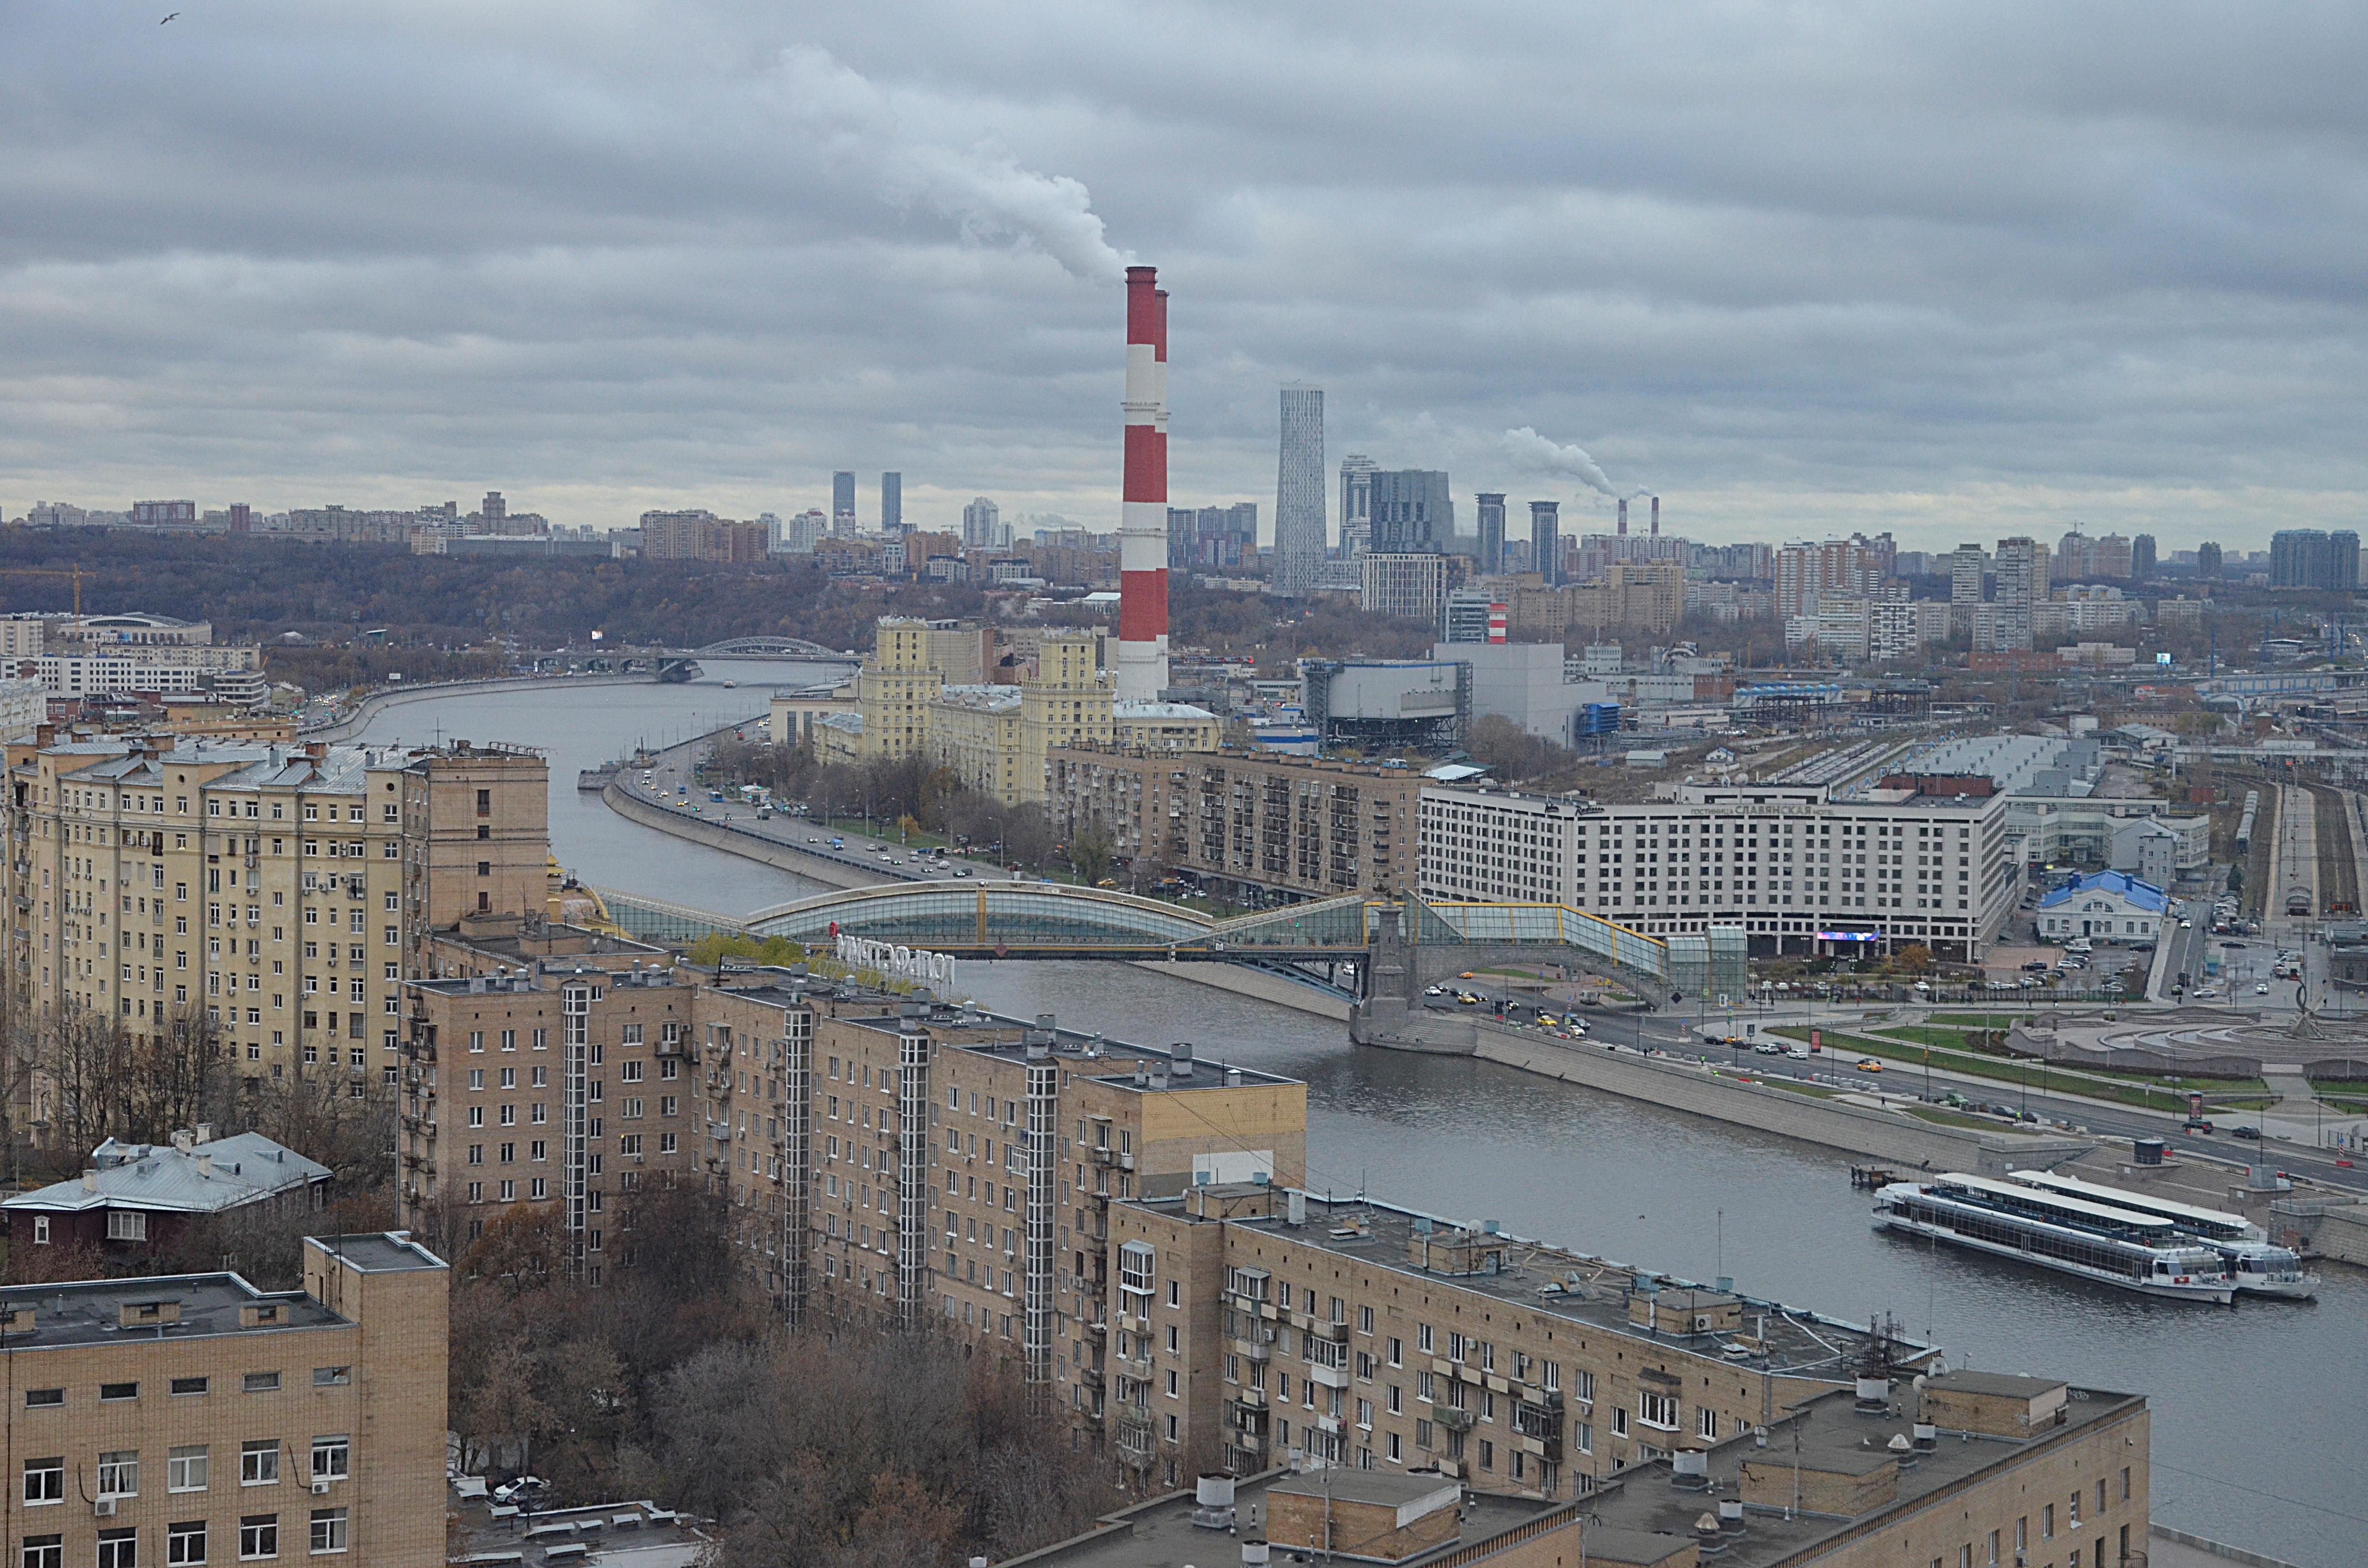 Непогода не повлияла на системы жизнеобеспечения Москвы